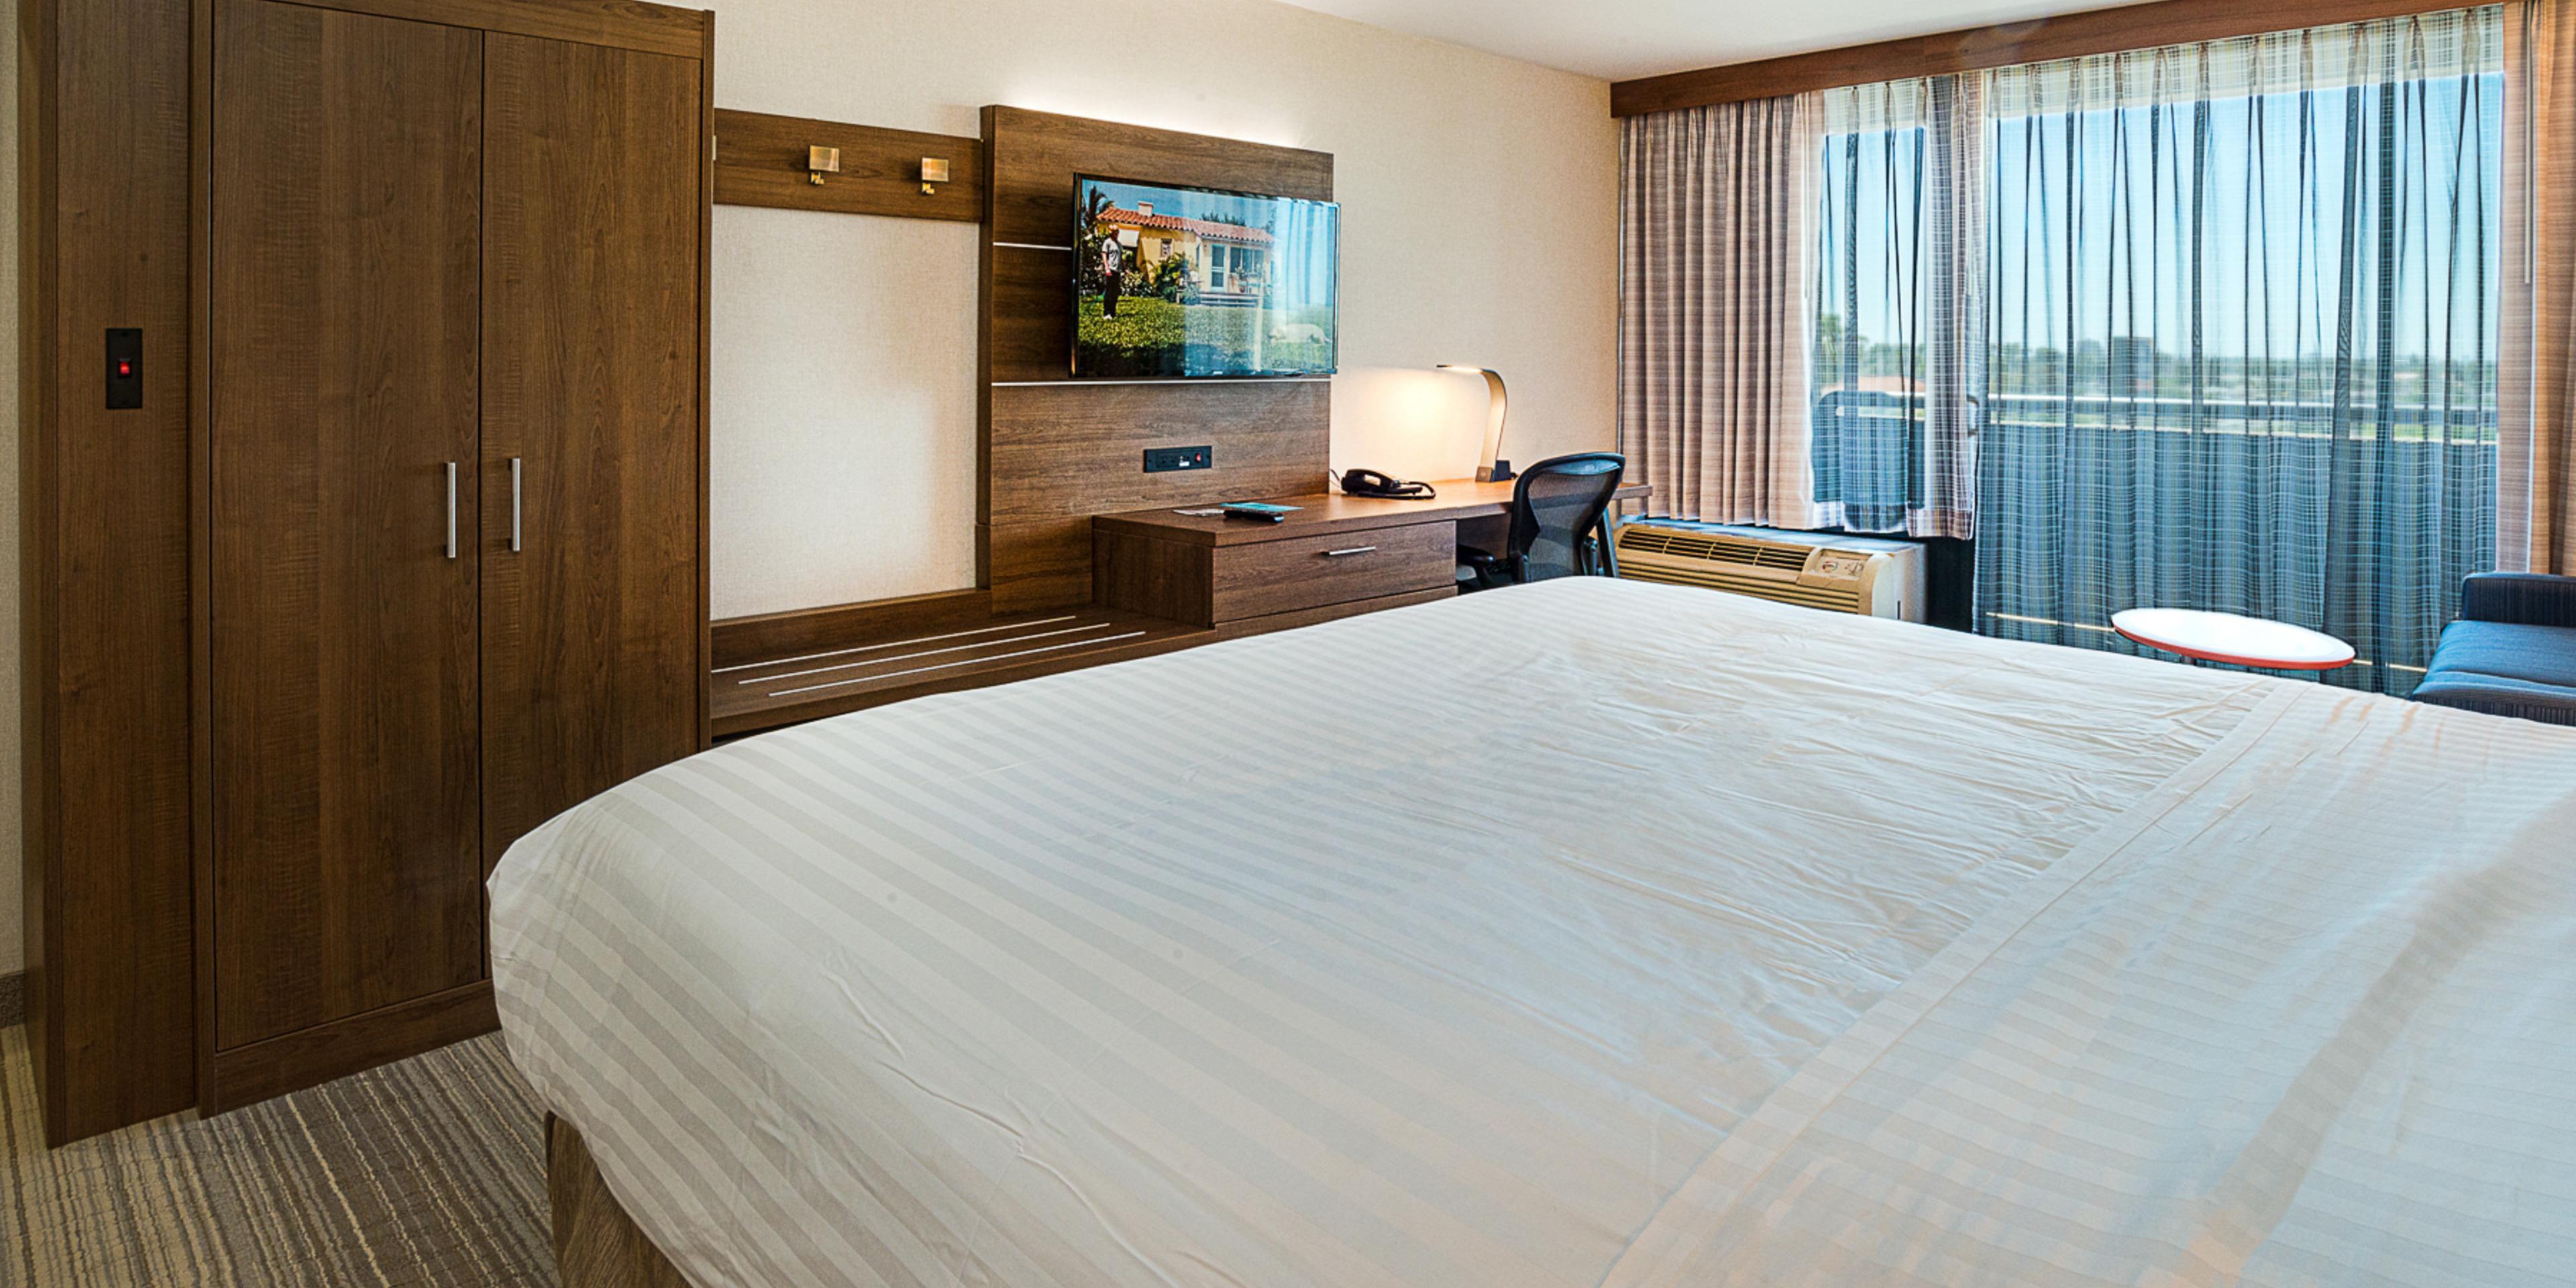 Fullerton Hotels near Anaheim   Holiday Inn Express